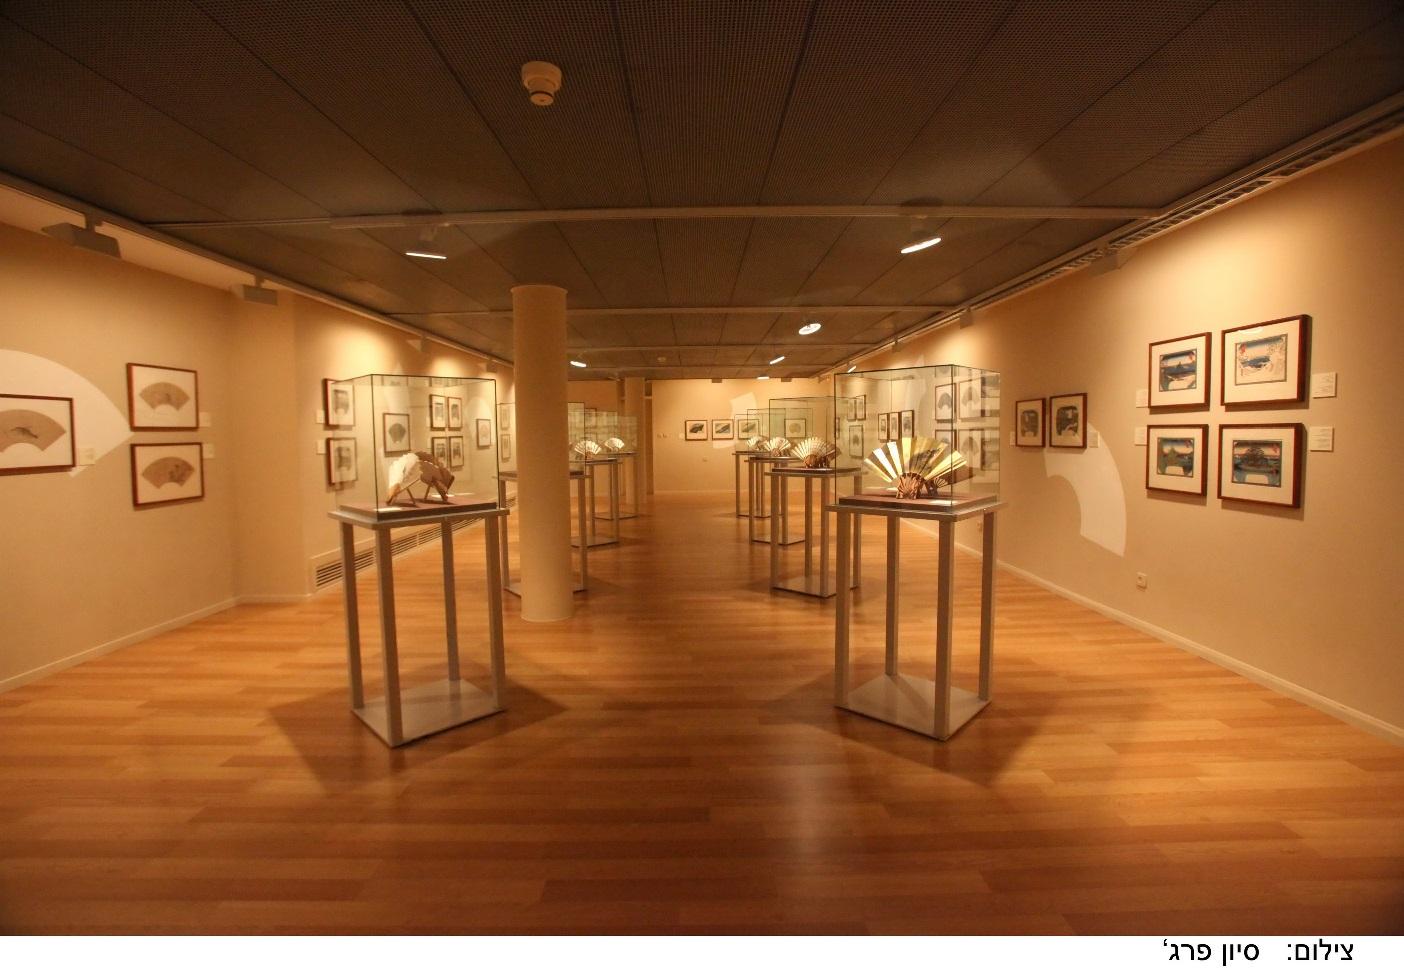 מוזיאון טיקוטין לאמנות יפנית חיפה. צילום: סיון פרג'